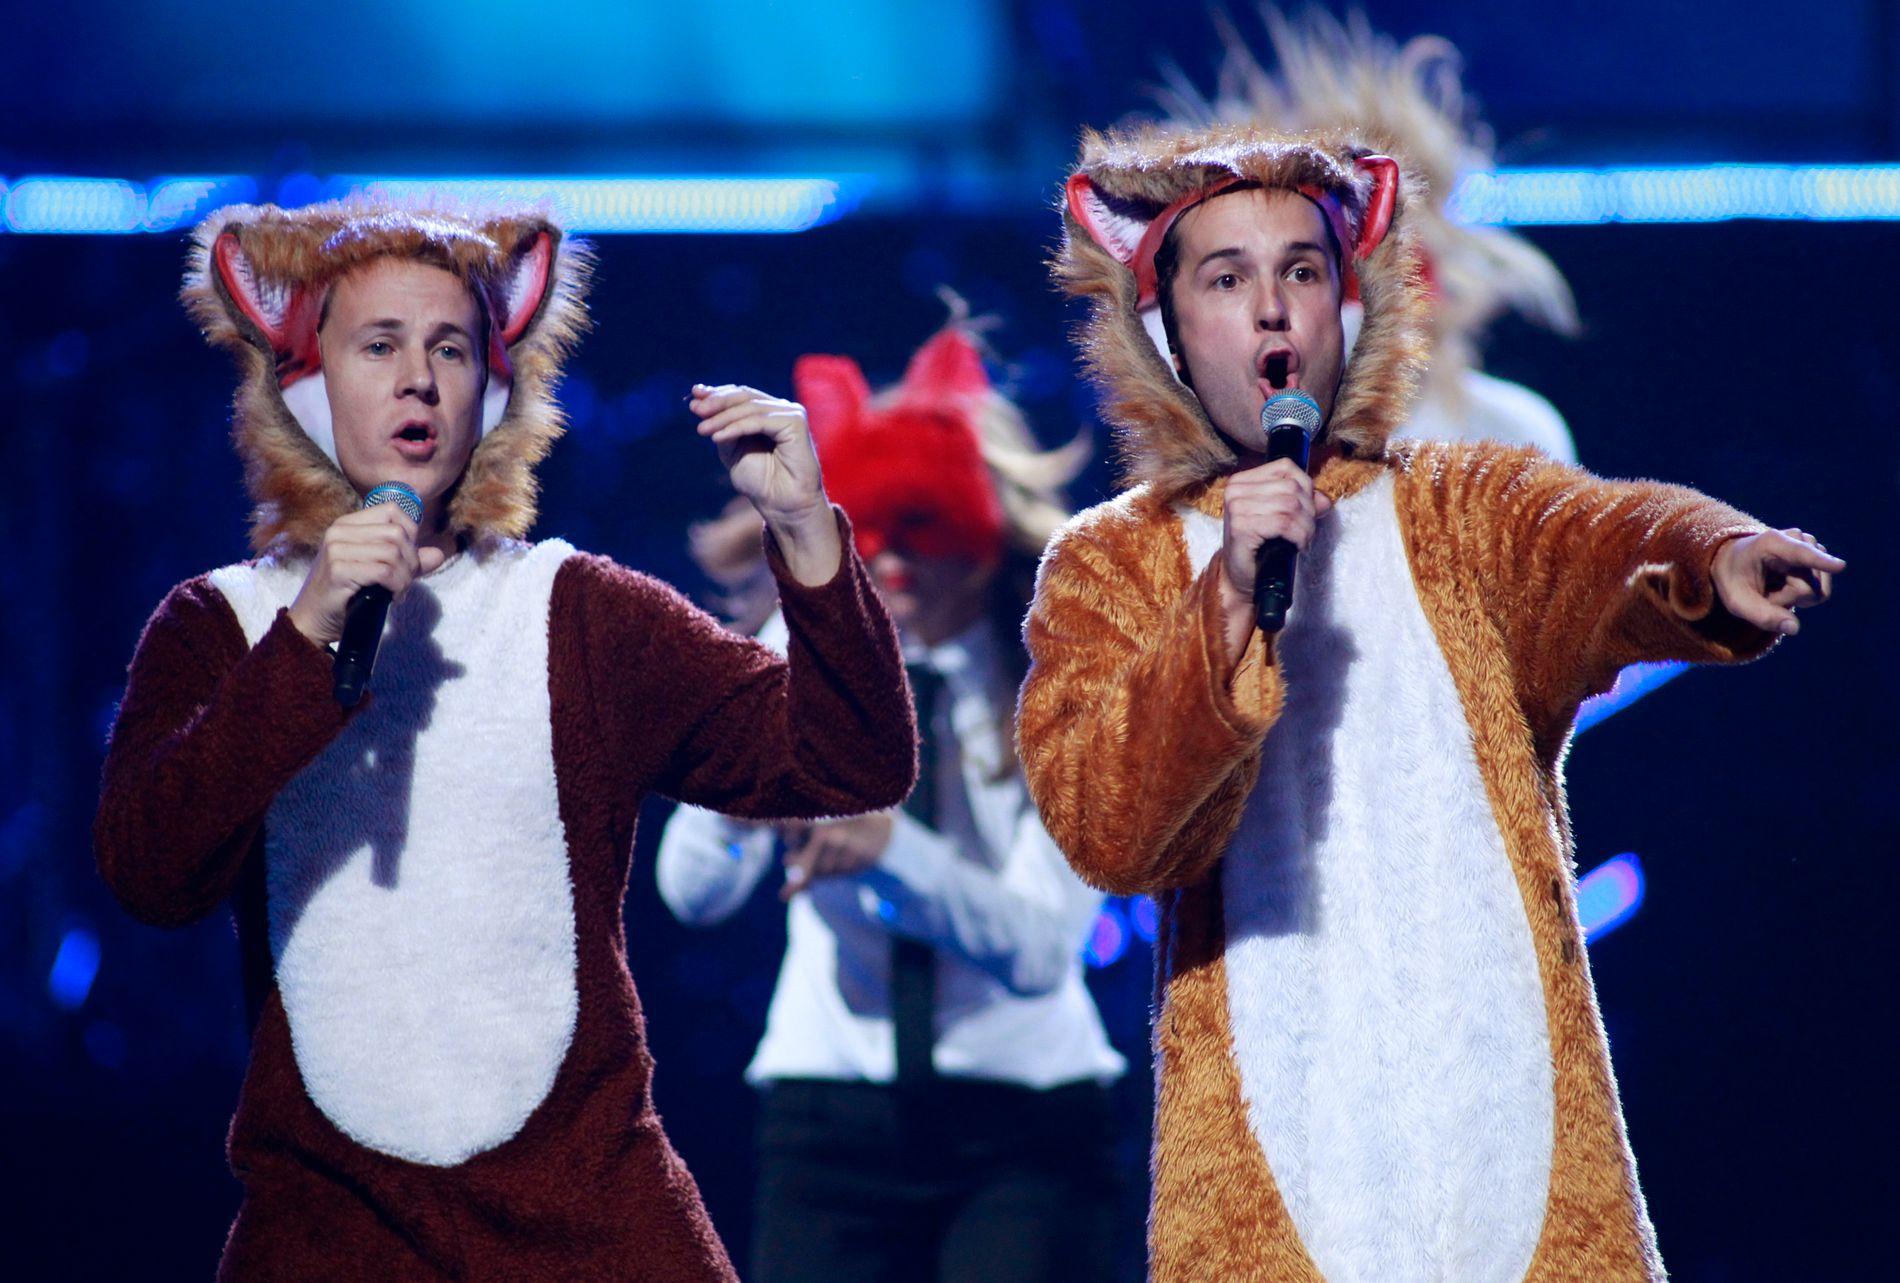 REVEHITEN: Ylvis har også fremført «The Fox» på iHeartRadio-festivalen i Las Vegas, og dermed stått på samme scene som blant annet Paul McCartney og Katy Perry.